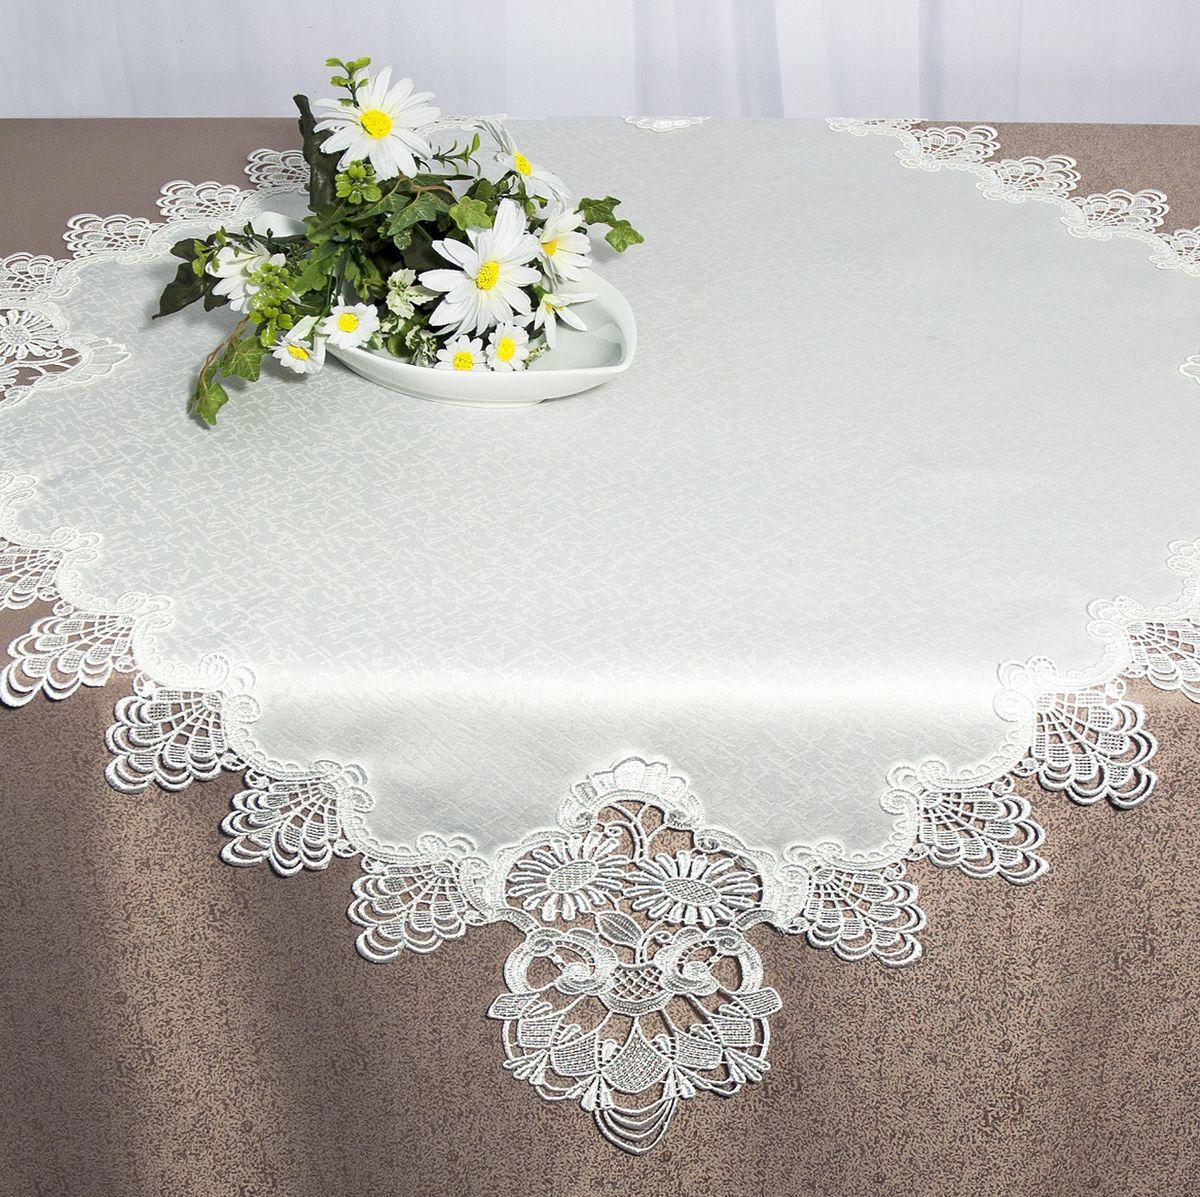 Скатерть Schaefer, квадратная, цвет: белый, 85 х 85 см 30163016Квадратная скатерть Schaefer, выполненная из полиэстера, станет изысканным украшением стола. Изделие декорировано изящным кружевом. За текстилем из полиэстера очень легко ухаживать: он не мнется, не садится и быстро сохнет, легко стирается, более долговечен, чем текстиль из натуральных волокон. Изделие прекрасно послужит для ежедневного использования на кухне или в столовой, а также подойдет для торжественных случаев и семейных праздников. Стильный дизайн и качество исполнения сделают такую скатерть отличным приобретением для дома. Это текстильное изделие станет элегантным украшением интерьера!